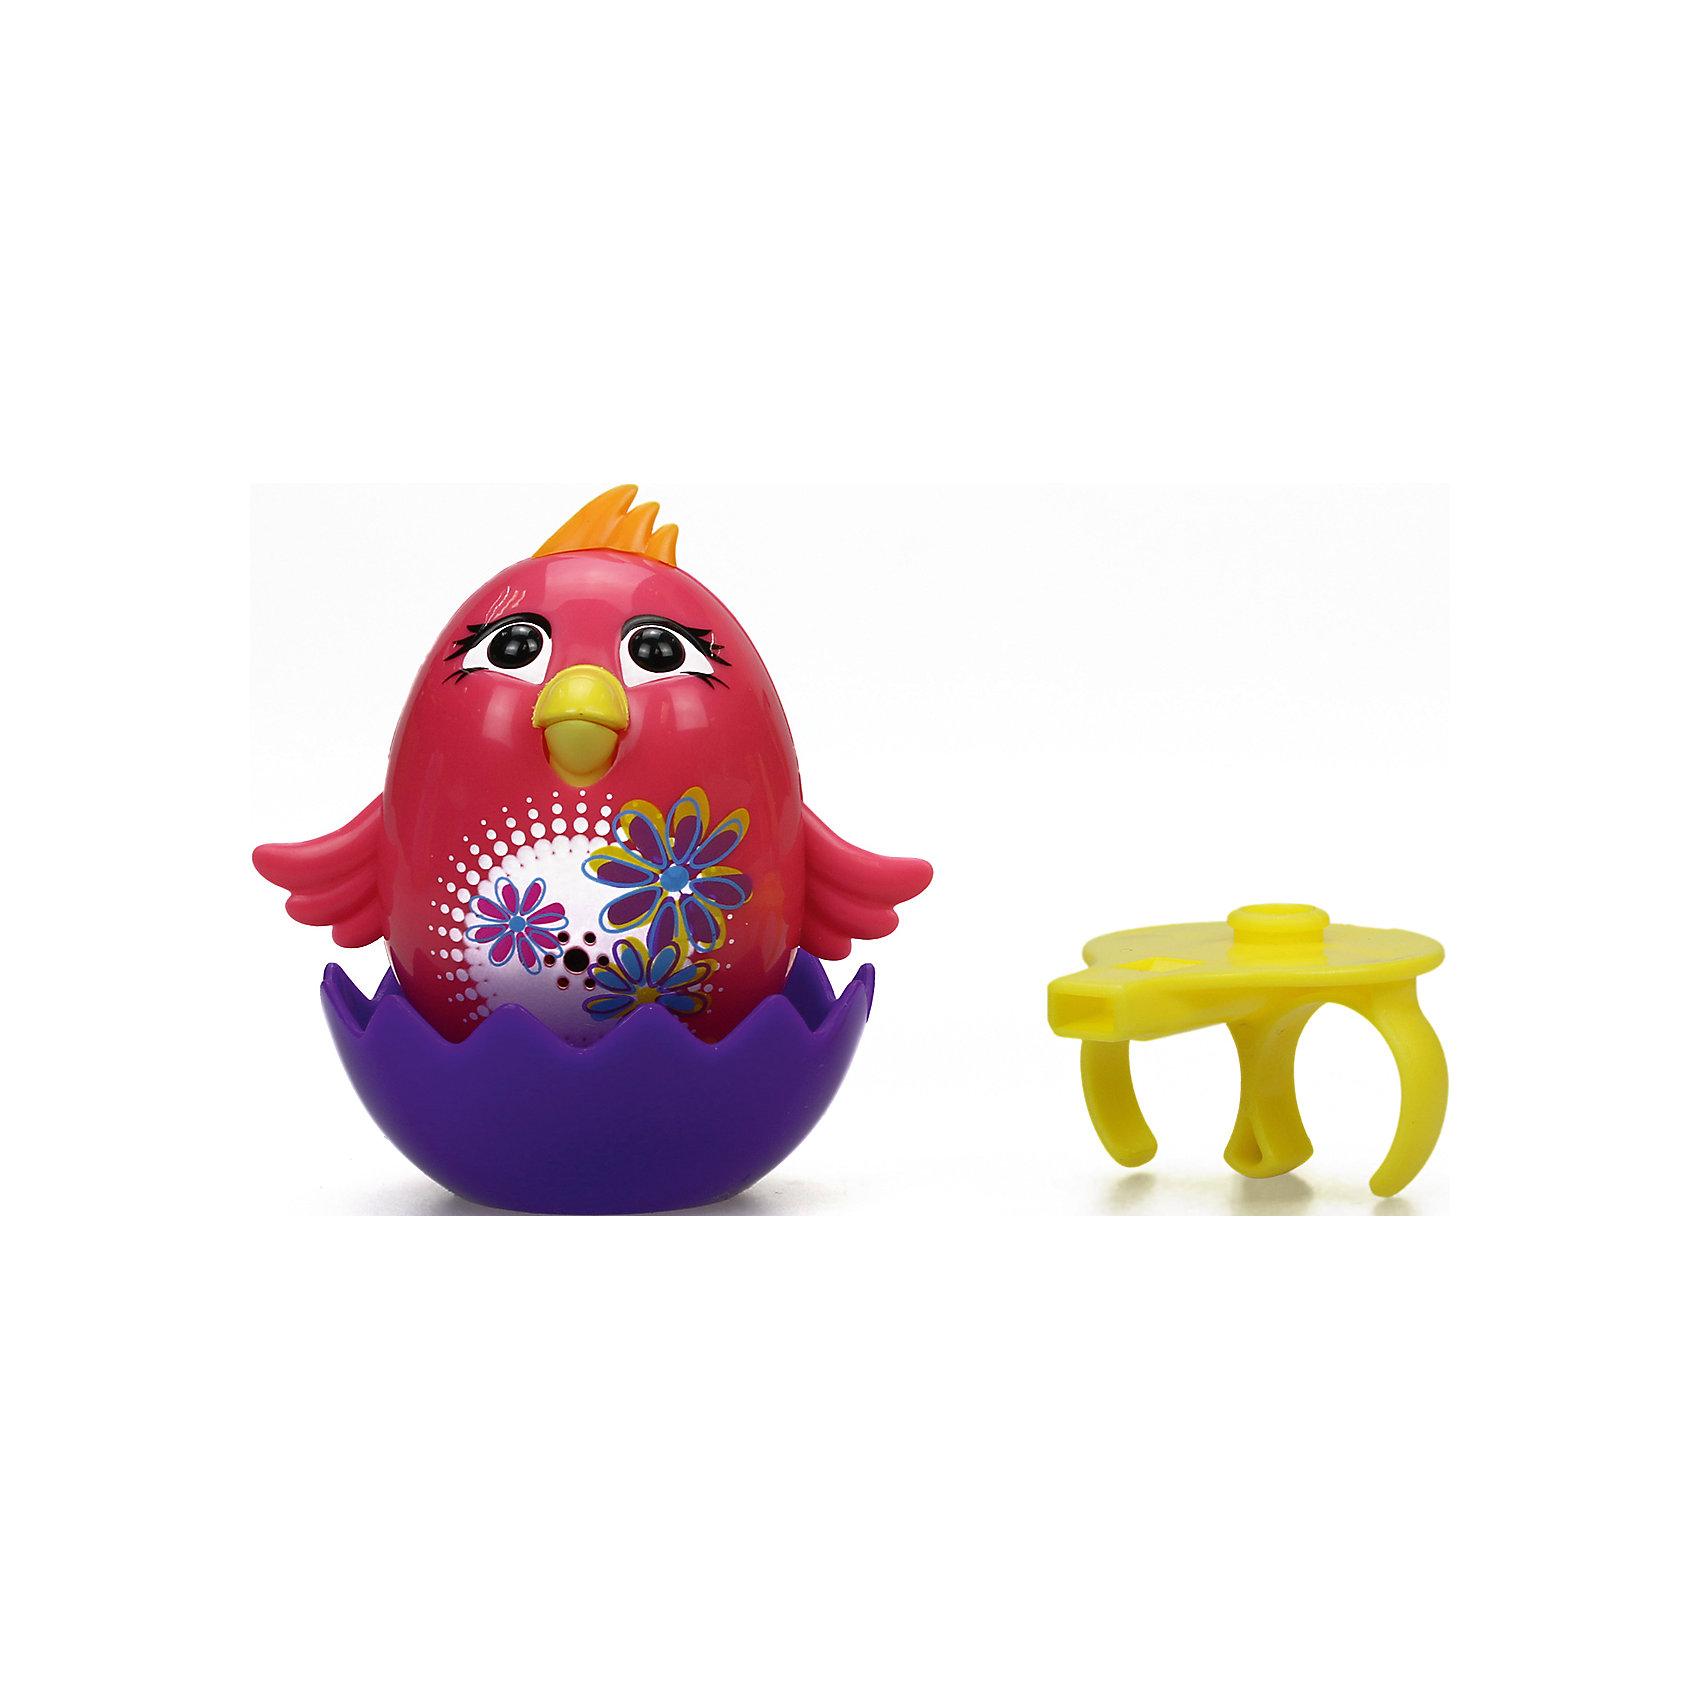 Цыпленок с кольцом, DigiBirdsЦыпленок с кольцом, DigiBirds (ДигиБердс) - это умная интерактивная птичка, которая будет развлекать малыша пением и ритмичными движениями.<br>Цыпленок с кольцом - это интерактивная музыкальная игрушка, которая приведёт в восторг не только детей, но и их родителей! Яркий забавный цыпленок может воспроизводить до 30 разных звуков и мелодий. Чтобы активировать цыпленка надо на него подуть или посвистеть в кольцо-свисток, имеющийся в комплекте. Цыплёнок будет весело щебетать, издавать забавные звуки, а также махать крыльями, открывать и закрывать клюв в такт мелодии и наклоняться из стороны в сторону. Сзади расположен специальный переключатель, с помощью которого можно перевести цыпленка из режима соло в режим хор. Для хора можно синхронизировать неограниченное количество птиц, а также других персонажей DigiFriends. Кольцо-свисток может служить как переносной насест для птички. Ребенок может надеть кольцо на два пальца, закрепить там игрушку и свободно играть или даже бегать. Игрушка устойчива на любой ровной поверхности. Продукция сертифицирована, экологически безопасна для ребенка, использованные красители не токсичны и гипоаллергенны. Игрушка «Цыпленок с кольцом» серии DigiBirds (ДигиБердс) – это высокое качество, долгий срок службы и бесценные положительные эмоции ребенка.<br><br>Дополнительная информация:<br><br>- В наборе: цыпленок, кольцо-свисток, скорлупа-подставка<br>- Размер: 5,3 х 6,8 х 6,5 см.<br>- Материал: пластик<br>- Батарейки: 3 х AG13 / LR44 (входят в комплект)<br>- Размер упаковки: 6,4 x 15,2 x 10,2 см.<br><br>Цыпленка с кольцом, DigiBirds (ДигиБердс) можно купить в нашем интернет-магазине.<br><br>Ширина мм: 64<br>Глубина мм: 102<br>Высота мм: 152<br>Вес г: 128<br>Возраст от месяцев: 36<br>Возраст до месяцев: 84<br>Пол: Унисекс<br>Возраст: Детский<br>SKU: 4726742